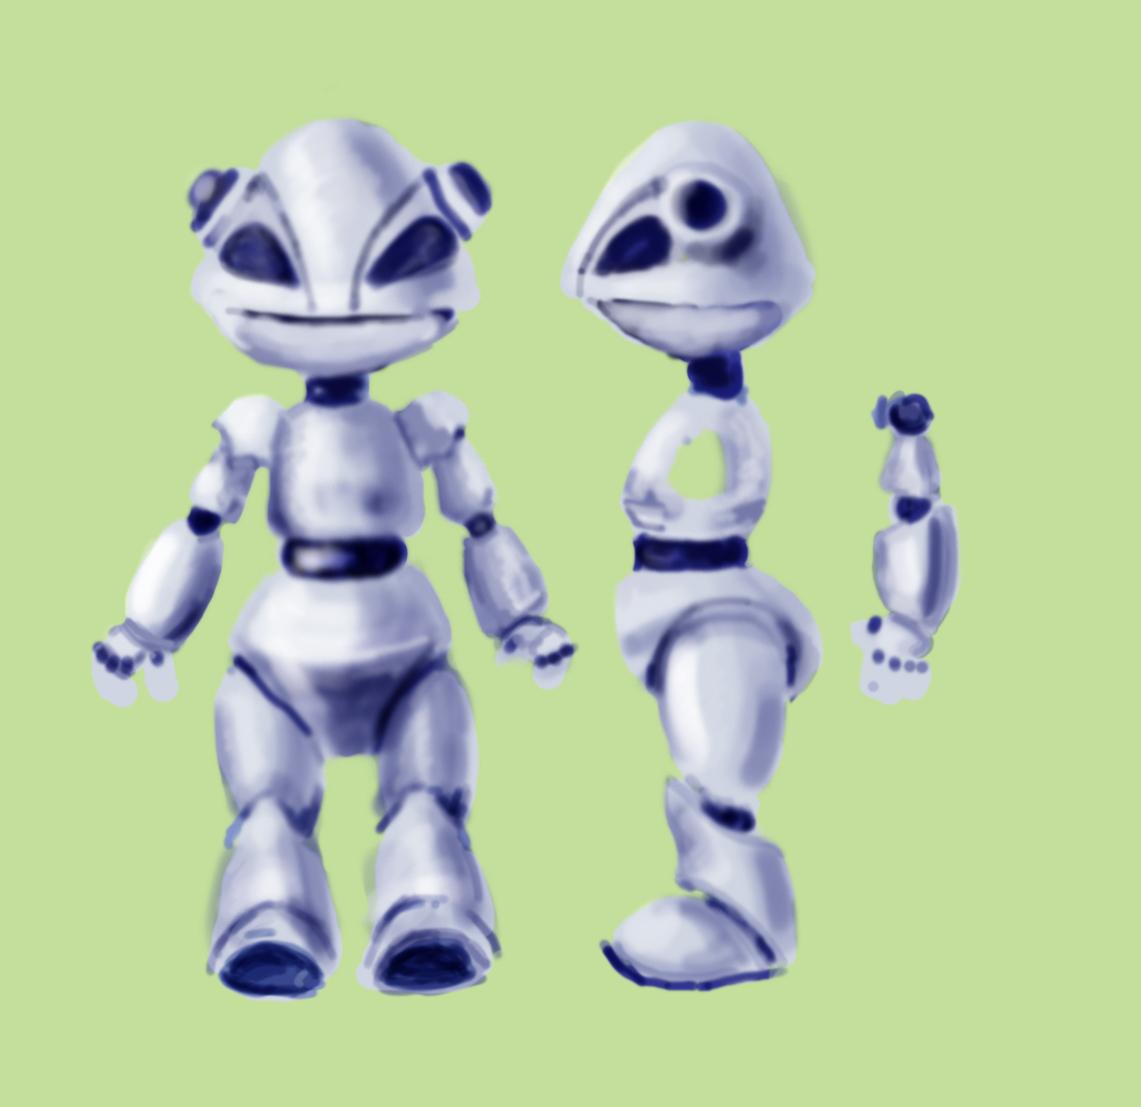 """Модель Робота - Ребёнка """"Роботёнок"""" фото f_4b87213cc6ab8.jpg"""